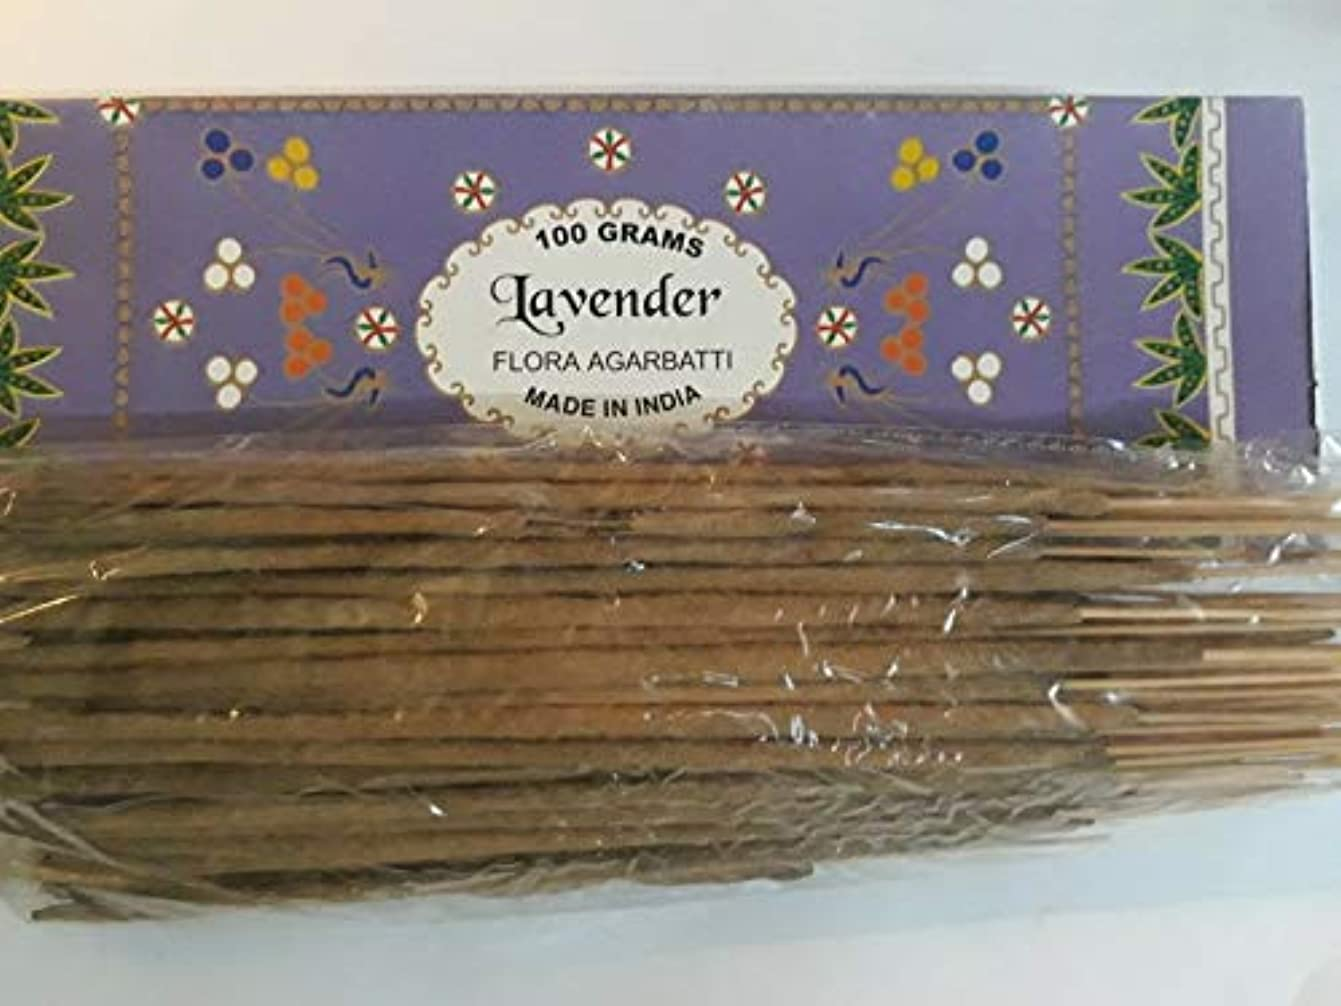 ブロー本当のことを言うとすべきLavender ラベンダー Agarbatti Incense Sticks 線香 100 grams Flora Incense Agarbatti フローラ